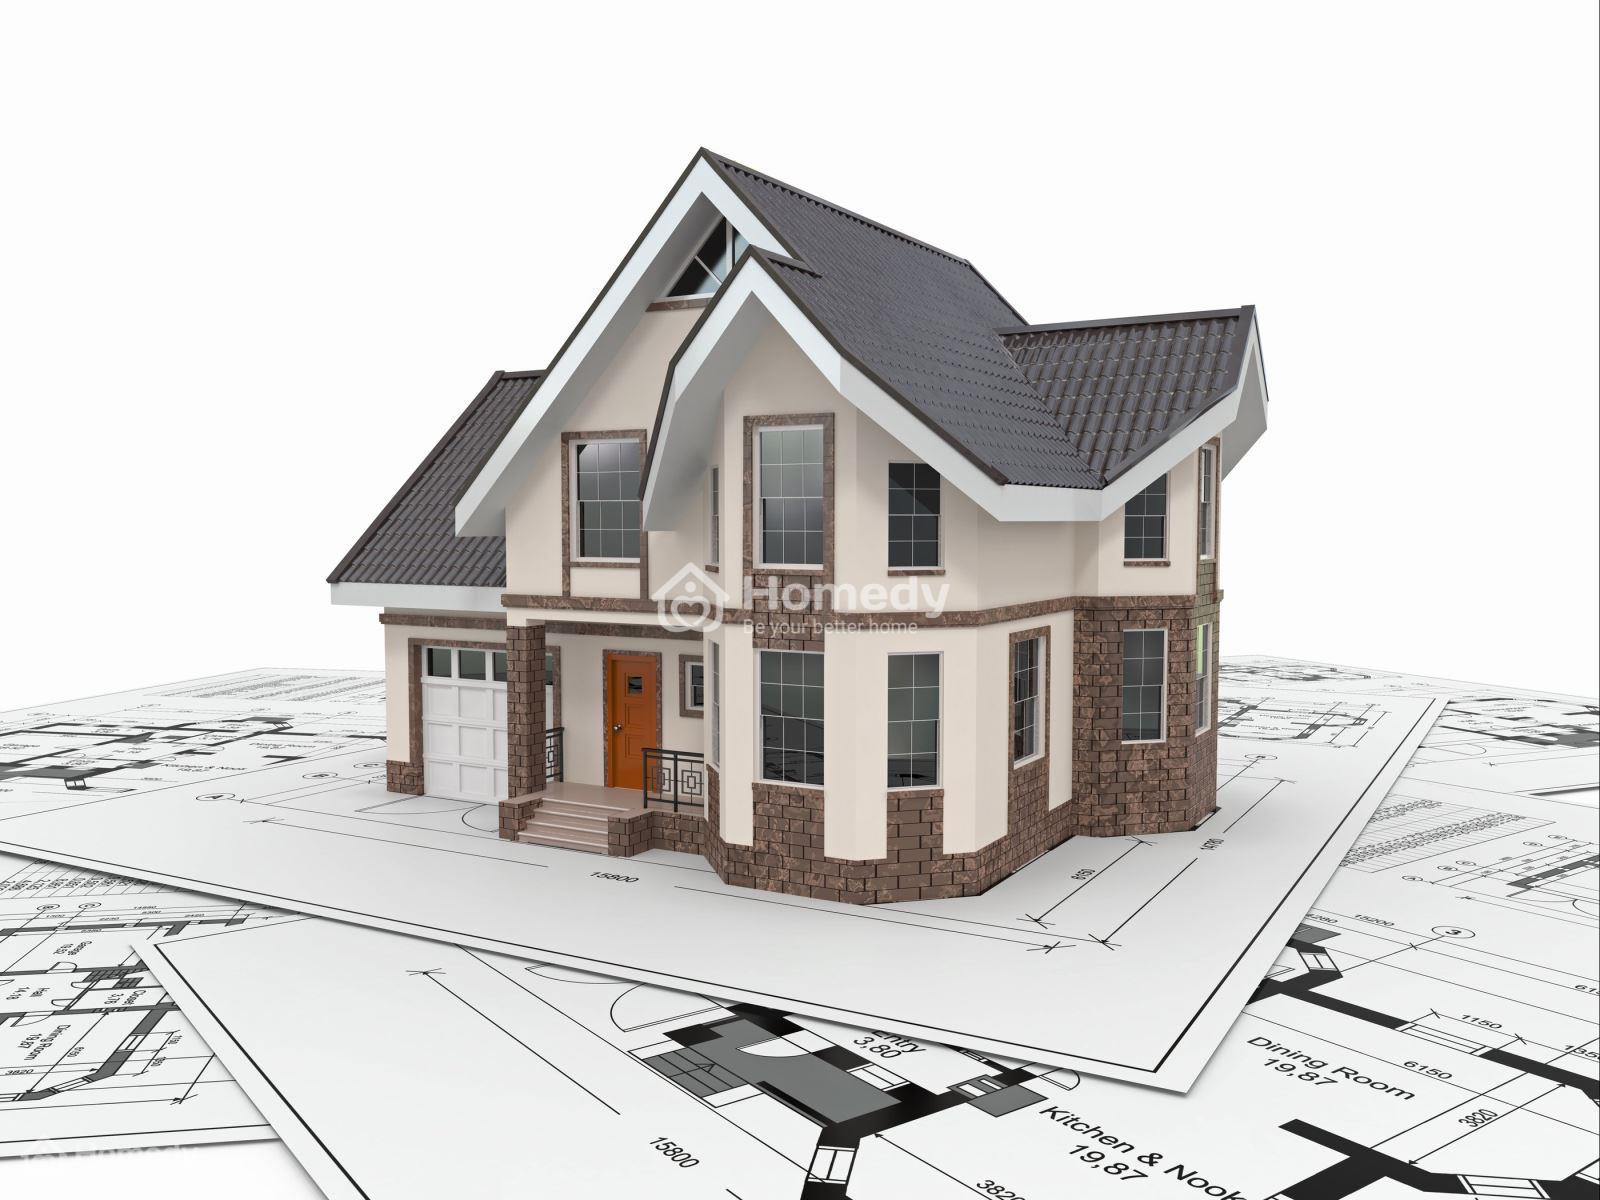 Tìm hiểu lệ phí xin giấy phép xây dựng nhà ở